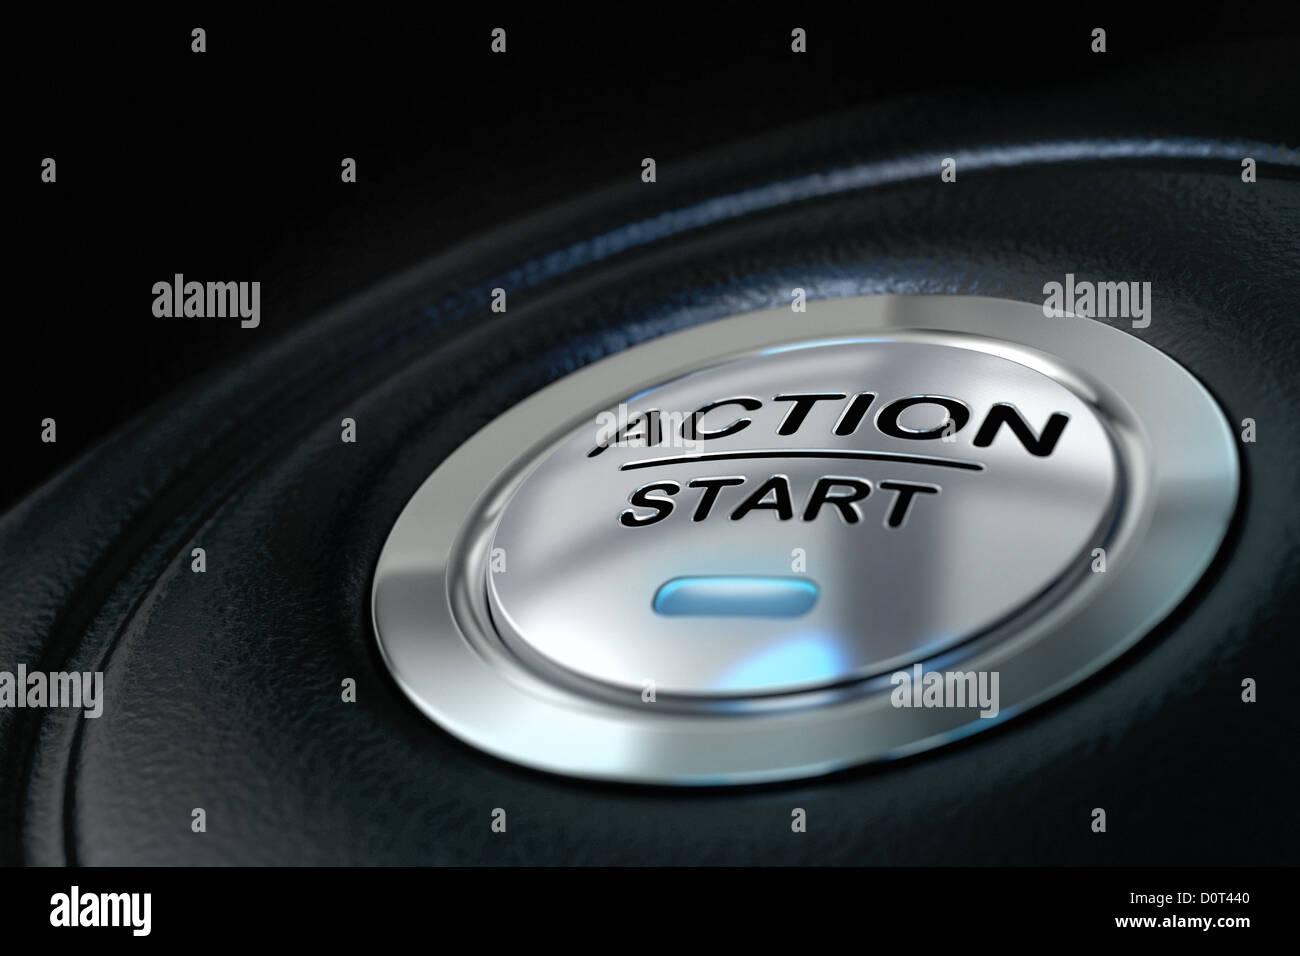 gestoßenem Aktion start-Taste auf schwarzem Hintergrund, Blaulicht, Motivation-Konzept Stockbild